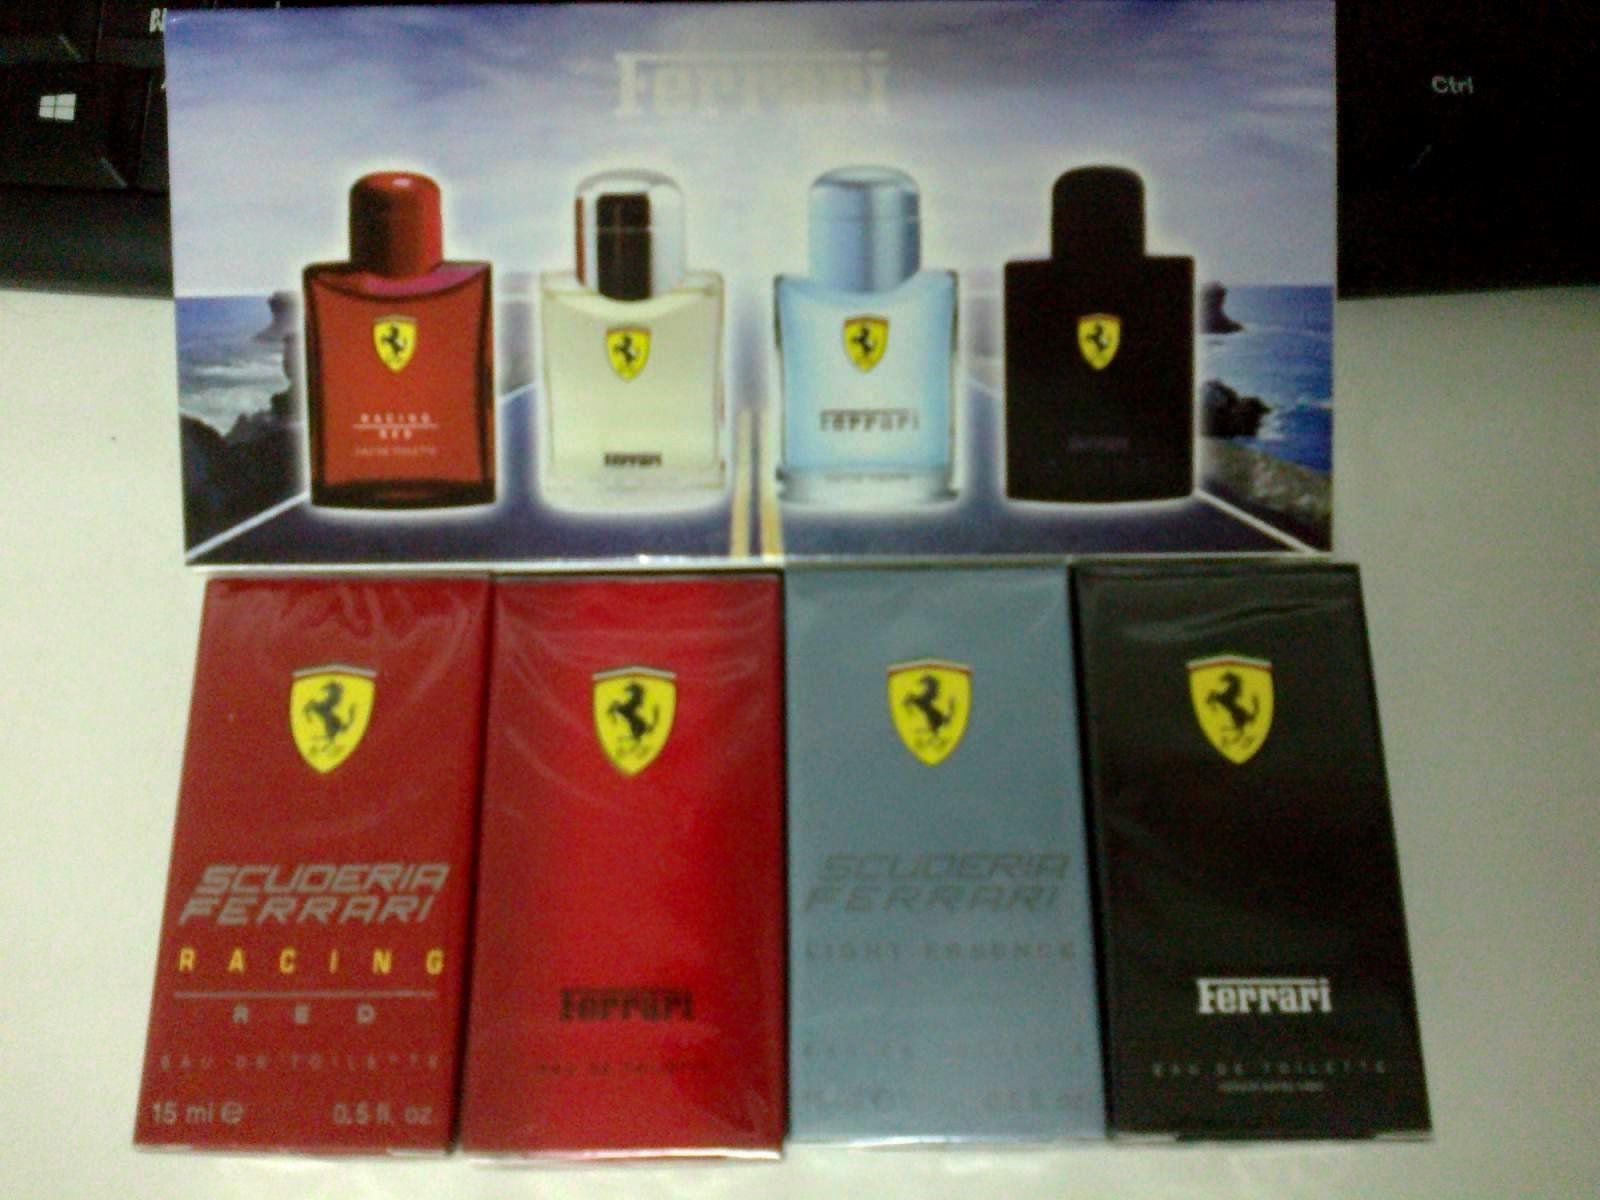 น้ำหอมเทสเตอร์ Ferrari light essence bright EAU DE TOILETTE 15 ml.x4 หัวสเปรย์